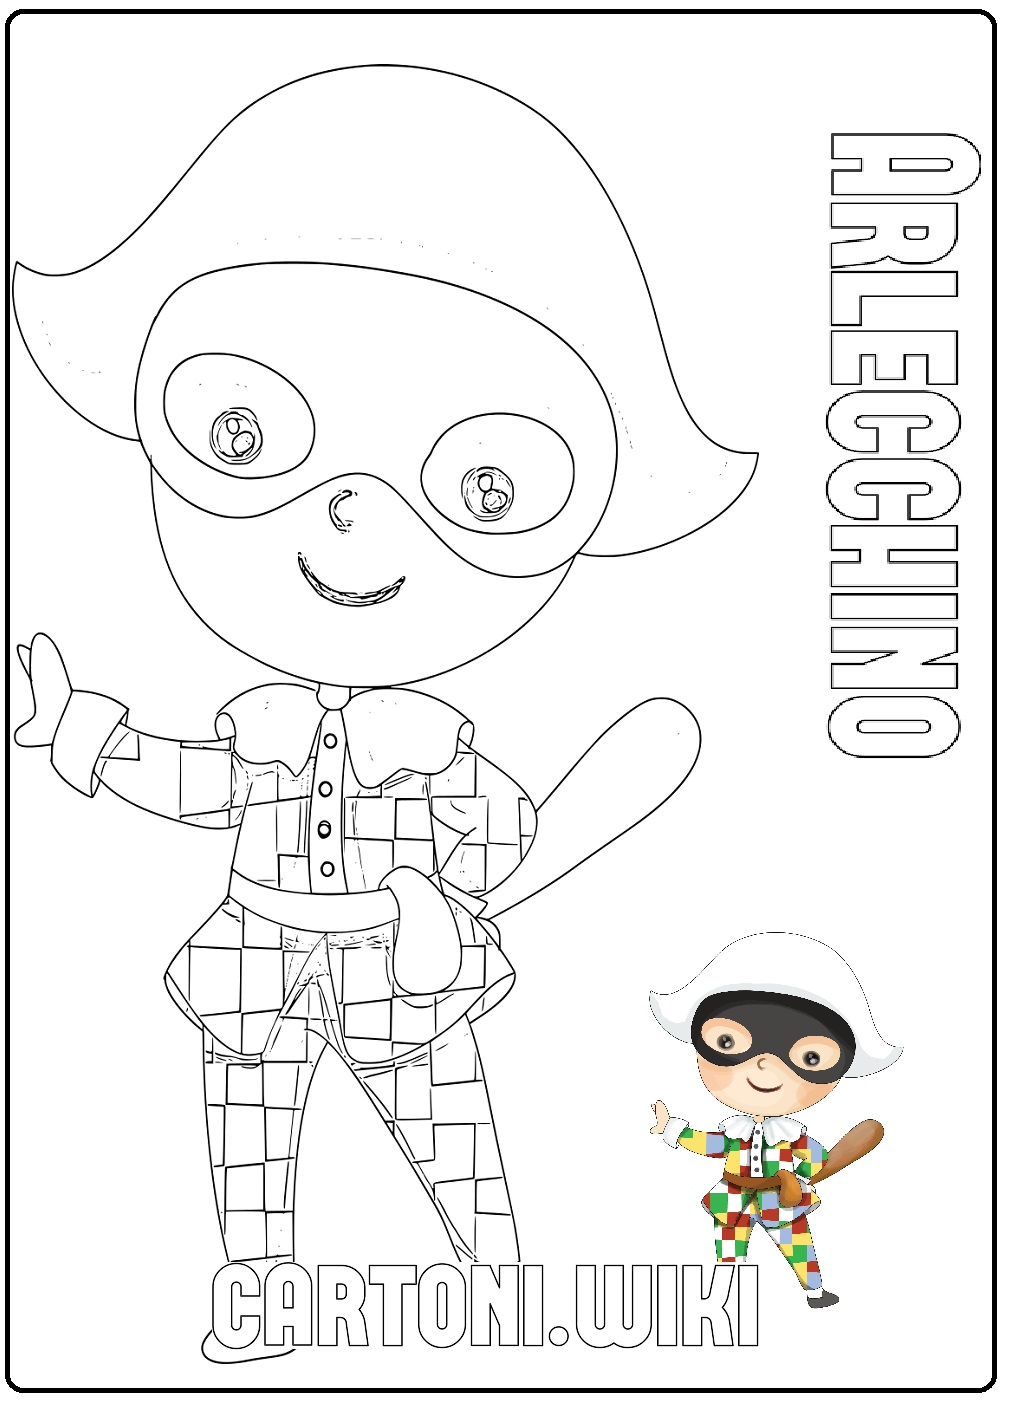 Maschere Arlecchino da colorare - Cartoni animati